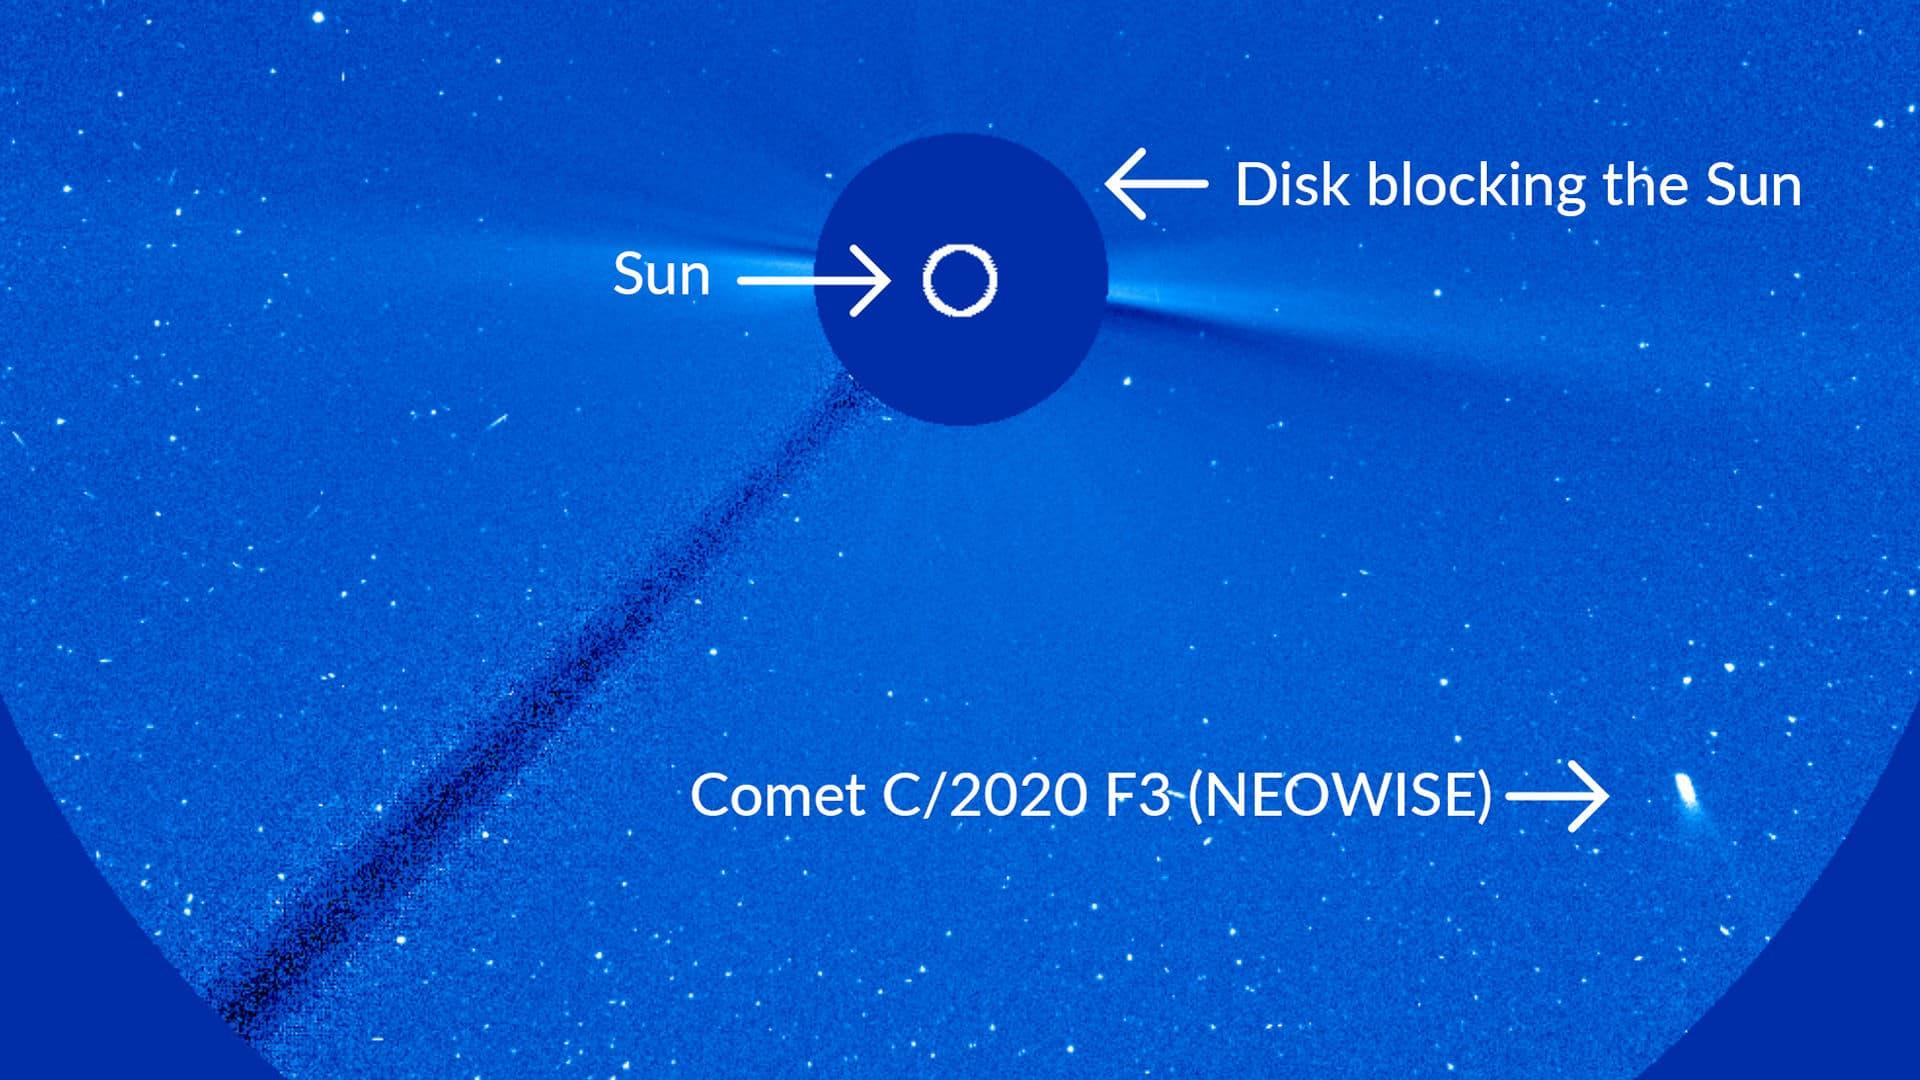 O cometa NEOWISE (C / 2020 F3) sobreviverá ao Perihelion?